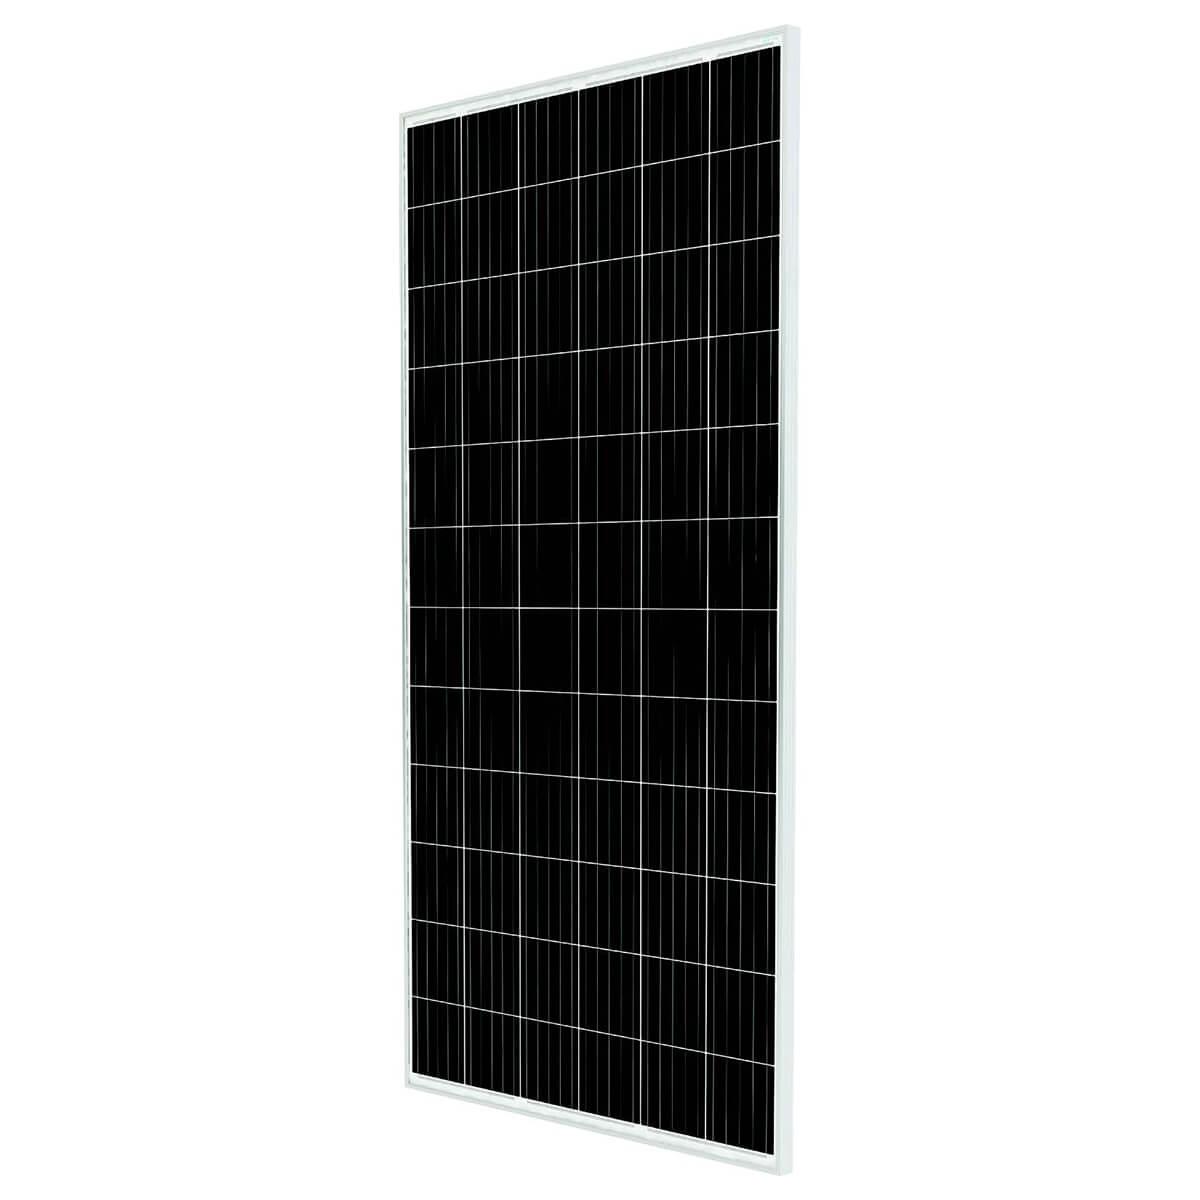 tommatech 375W panel, tommatech 375Watt panel, tommatech 375 W panel, tommatech 375 Watt panel, tommatech 375 Watt monokristal panel, tommatech 375 W watt gunes paneli, tommatech 375 W watt monokristal gunes paneli, tommatech 375 W Watt fotovoltaik monokristal solar panel, tommatech 375W monokristal gunes enerjisi, tommatech TT375-72PM-375W panel, TOMMATECH 375 WATT